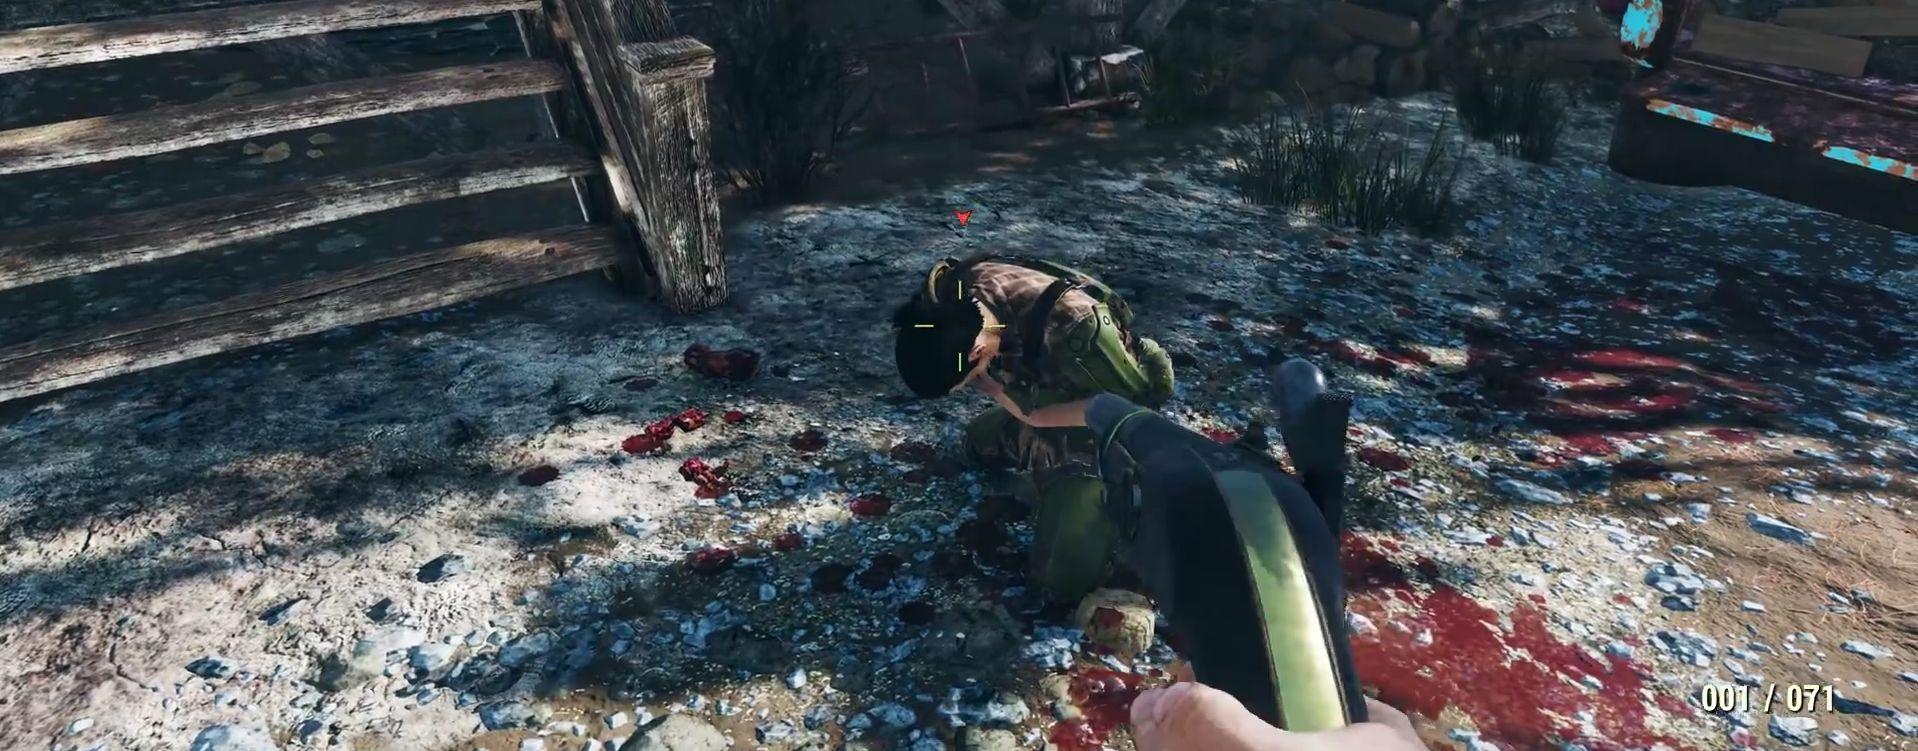 Erstes Gameplay zeigt PvP und Kopfgeld-Jagd in Fallout 76